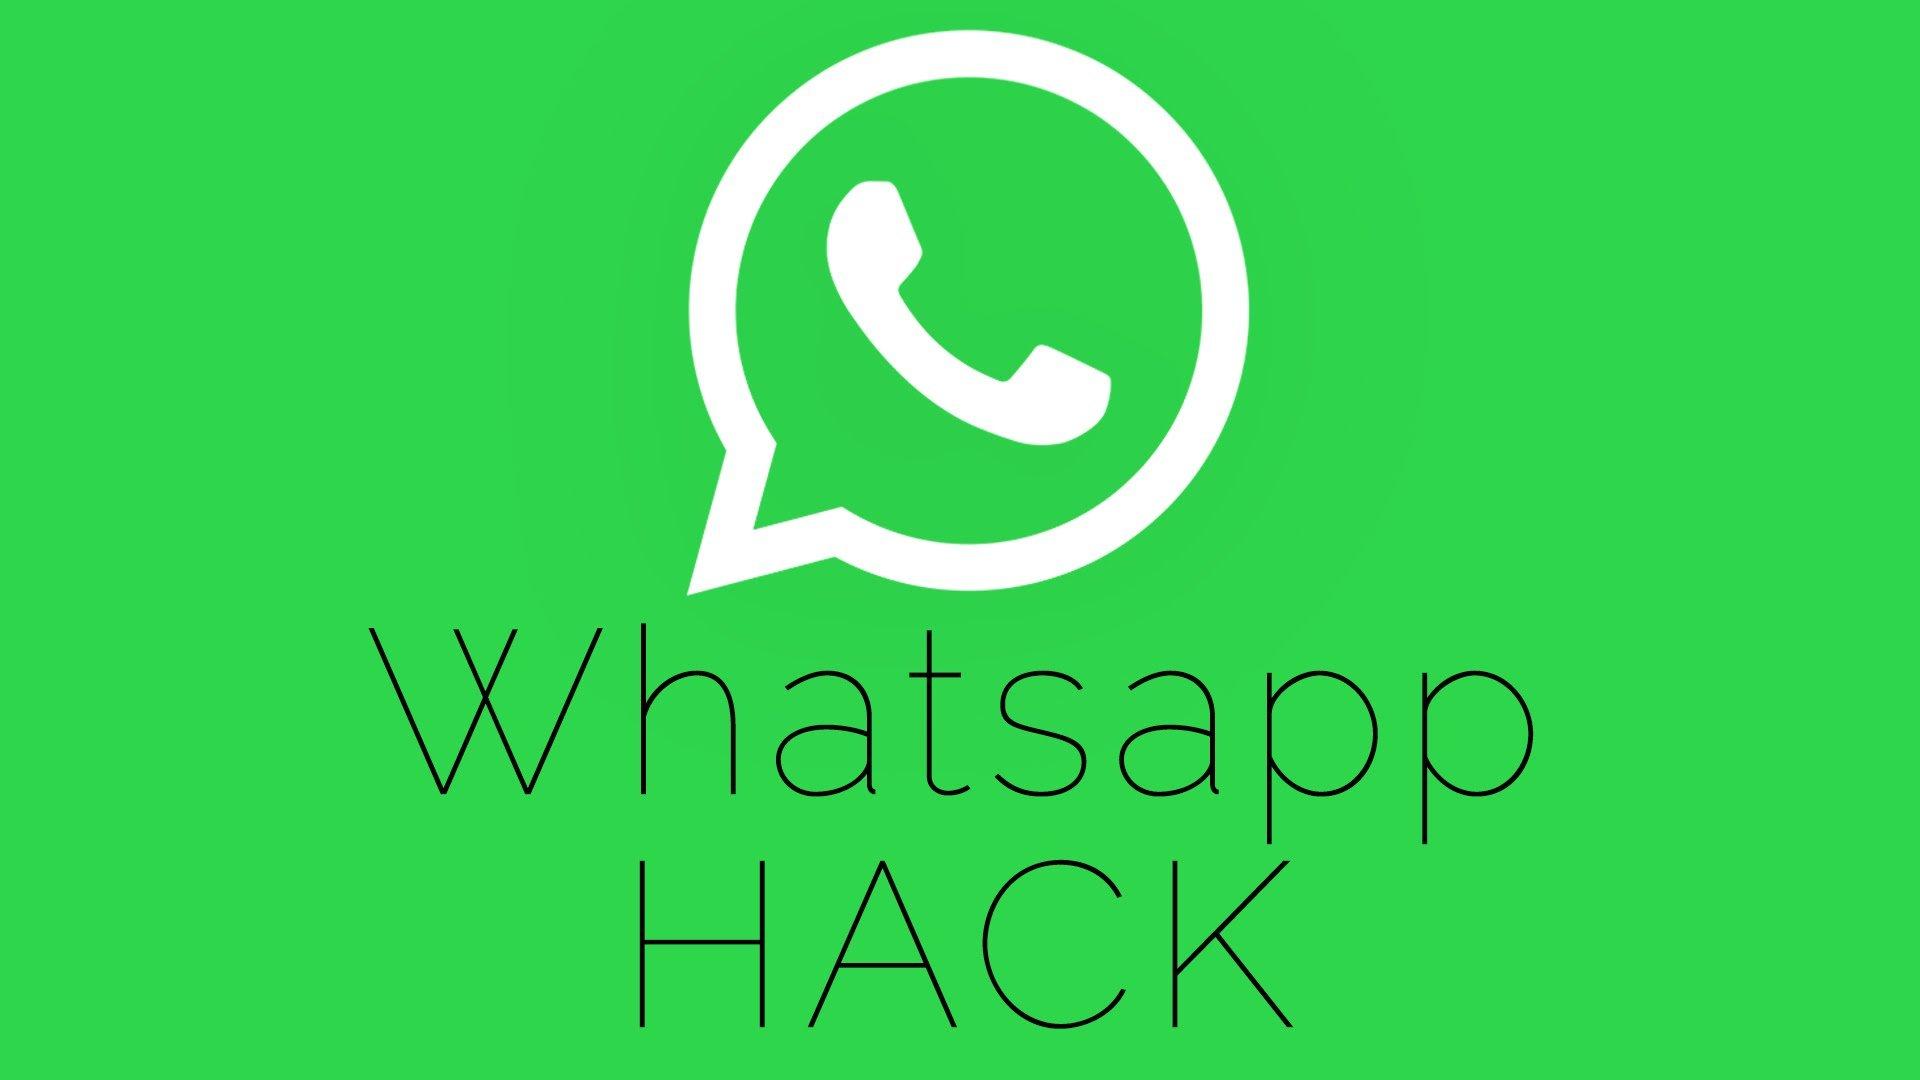 WhatsApp'ı hackleyen Firmaya Dava Açıldı